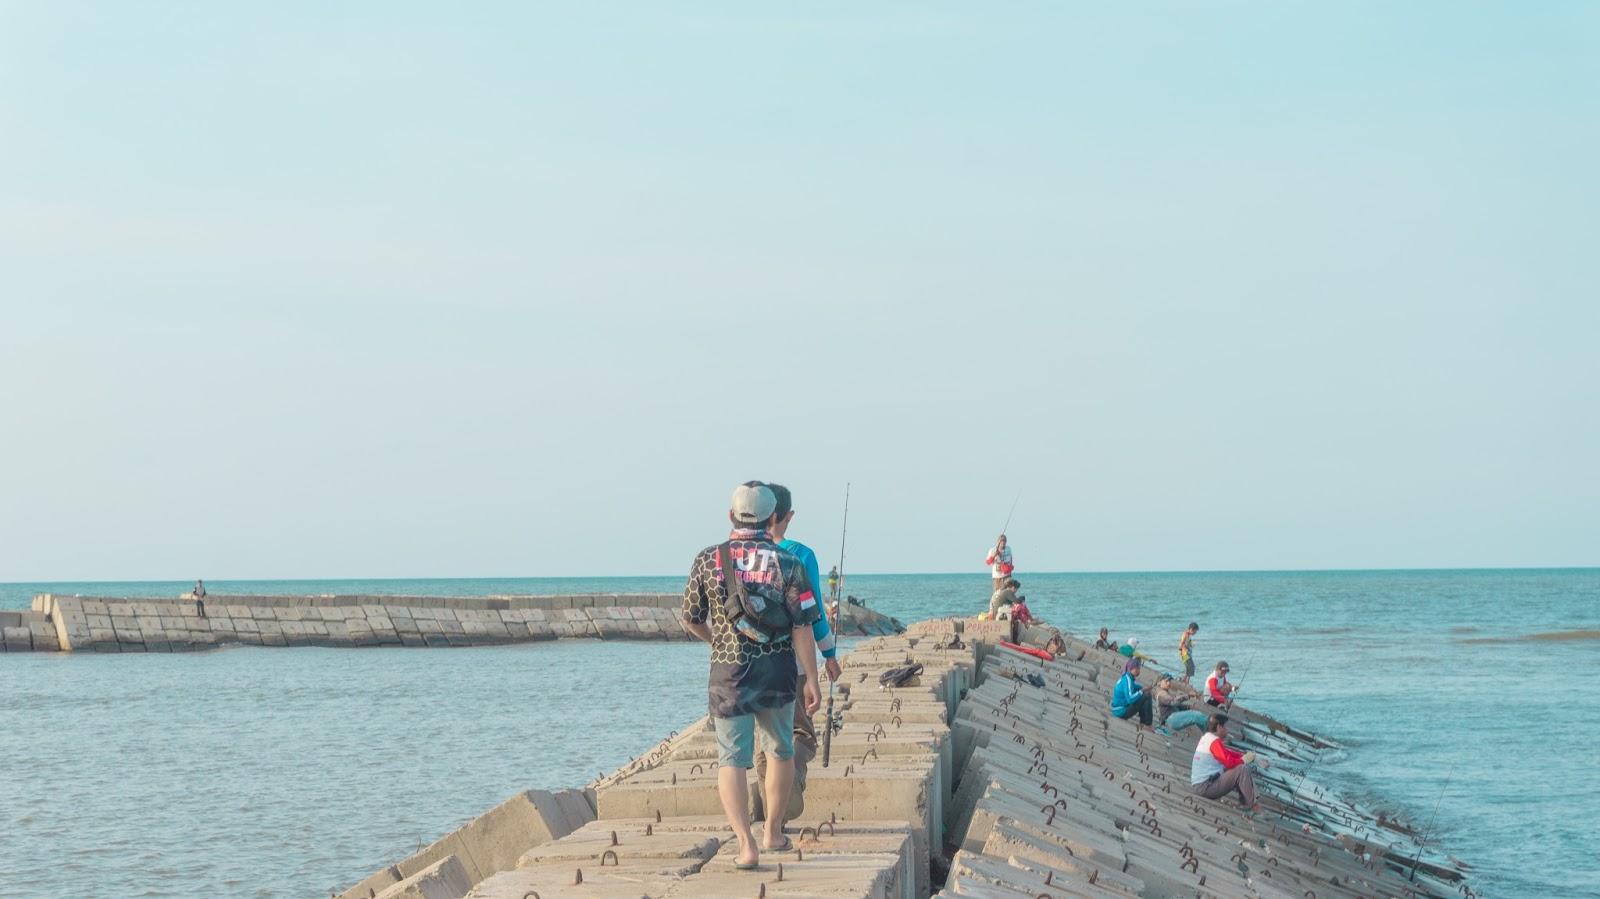 Dermaga Sendang Sikucing, Pantai Sendang Sikucing, Sikucing, The Sea, Kendal, Wisata Kendal